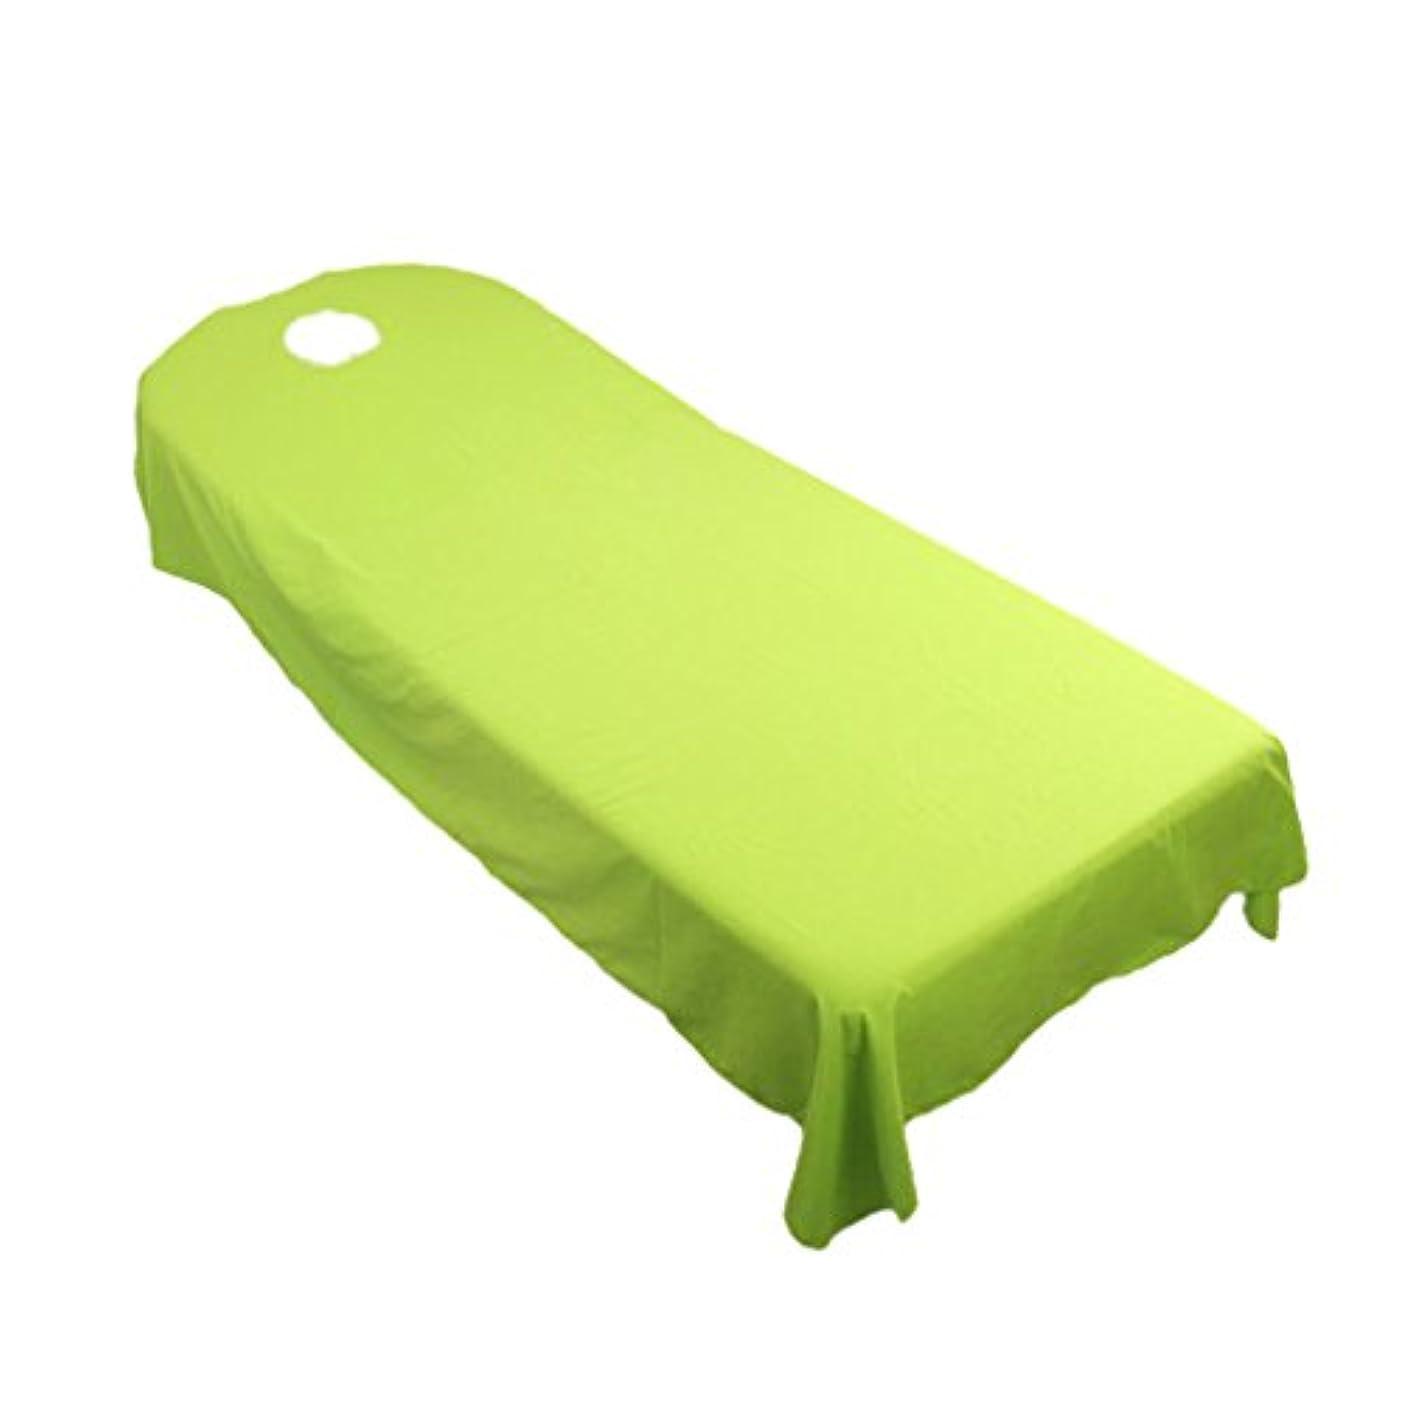 旧正月最終アセンブリタオル地 ベッドカバー ソファーカバー シート 面部の位置 ホール付き 美容/マッサージ/SPA 用 9色選べる - 緑